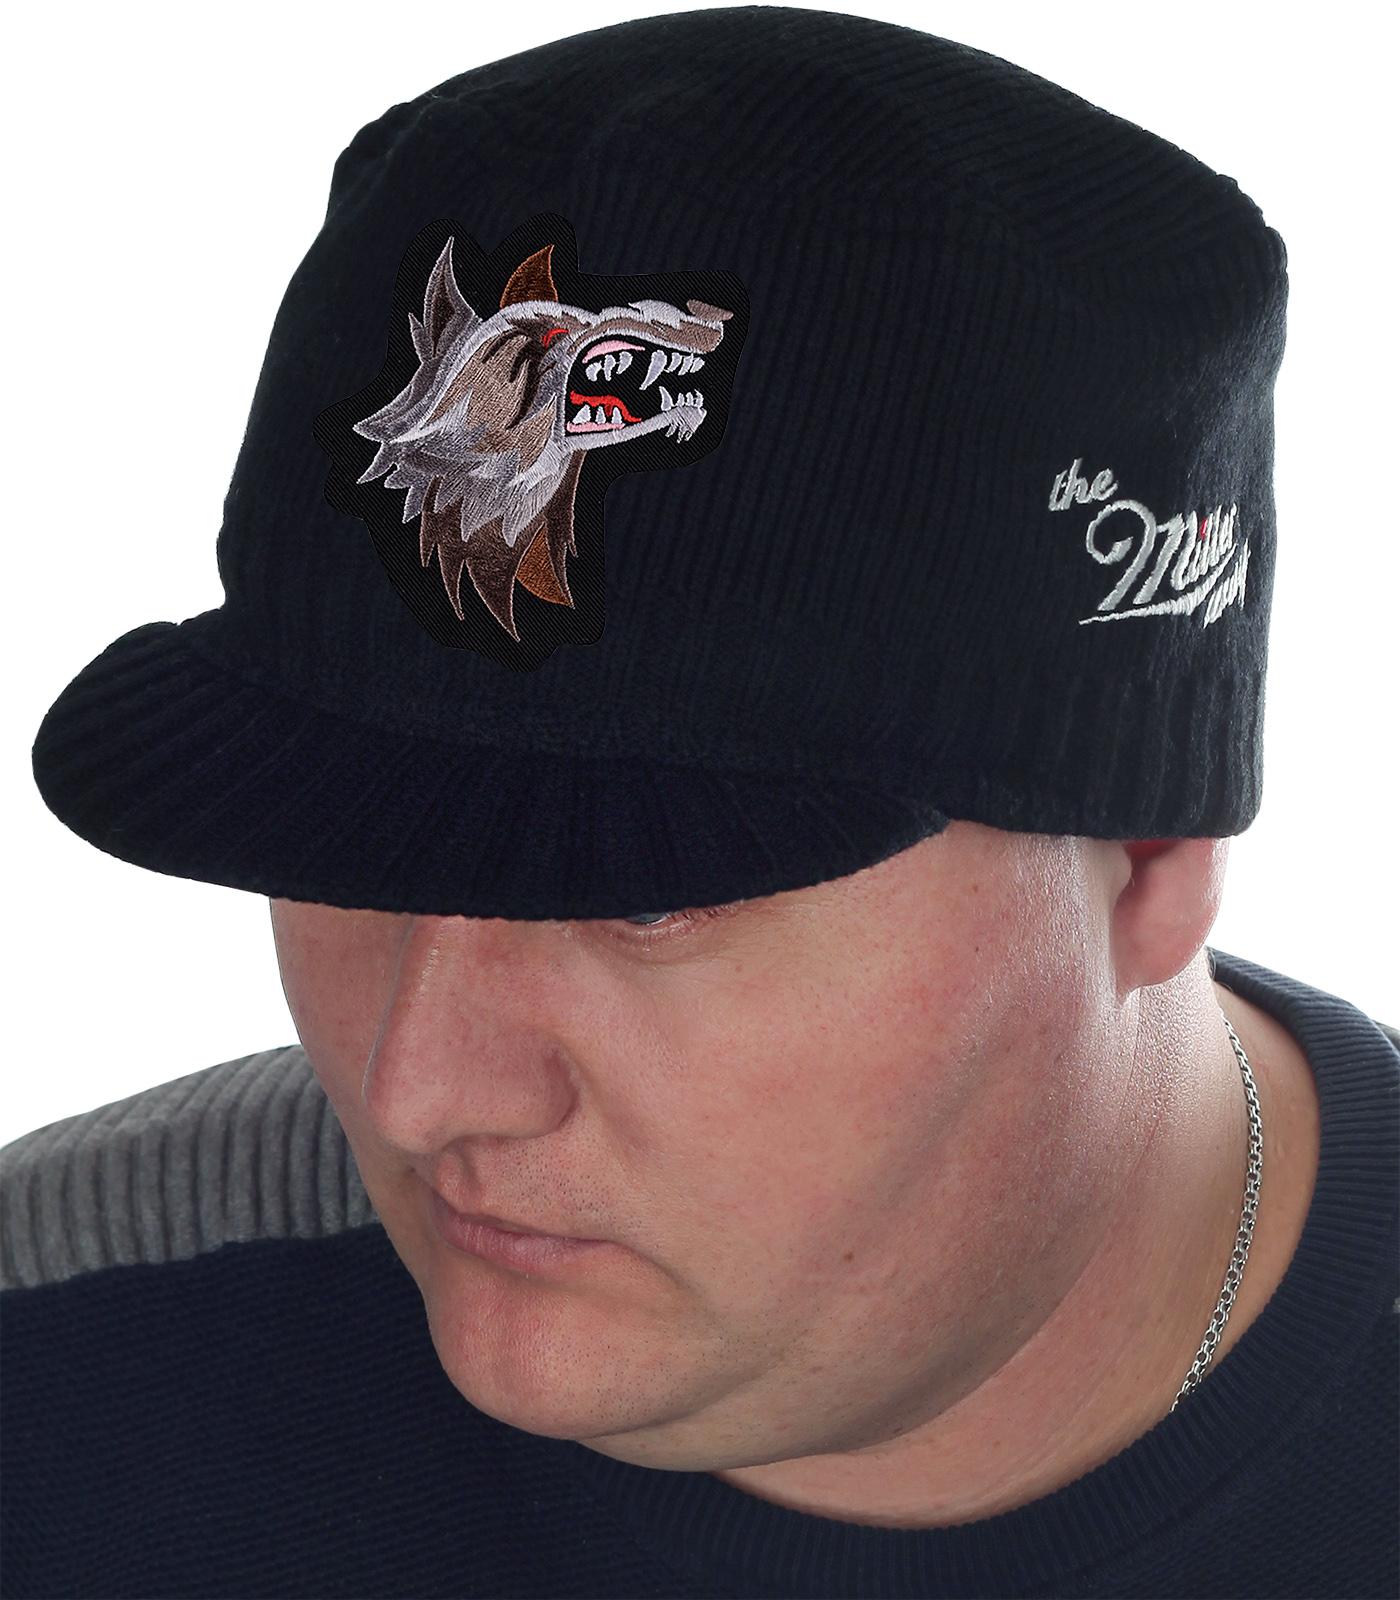 Эпатажная классика от ТМ Miller Way. Однотонная осенне-зимняя мужская шапка с аккуратным козырьком (защита от ветра) и фигурной нашивкой волка. Под любой возраст и статус